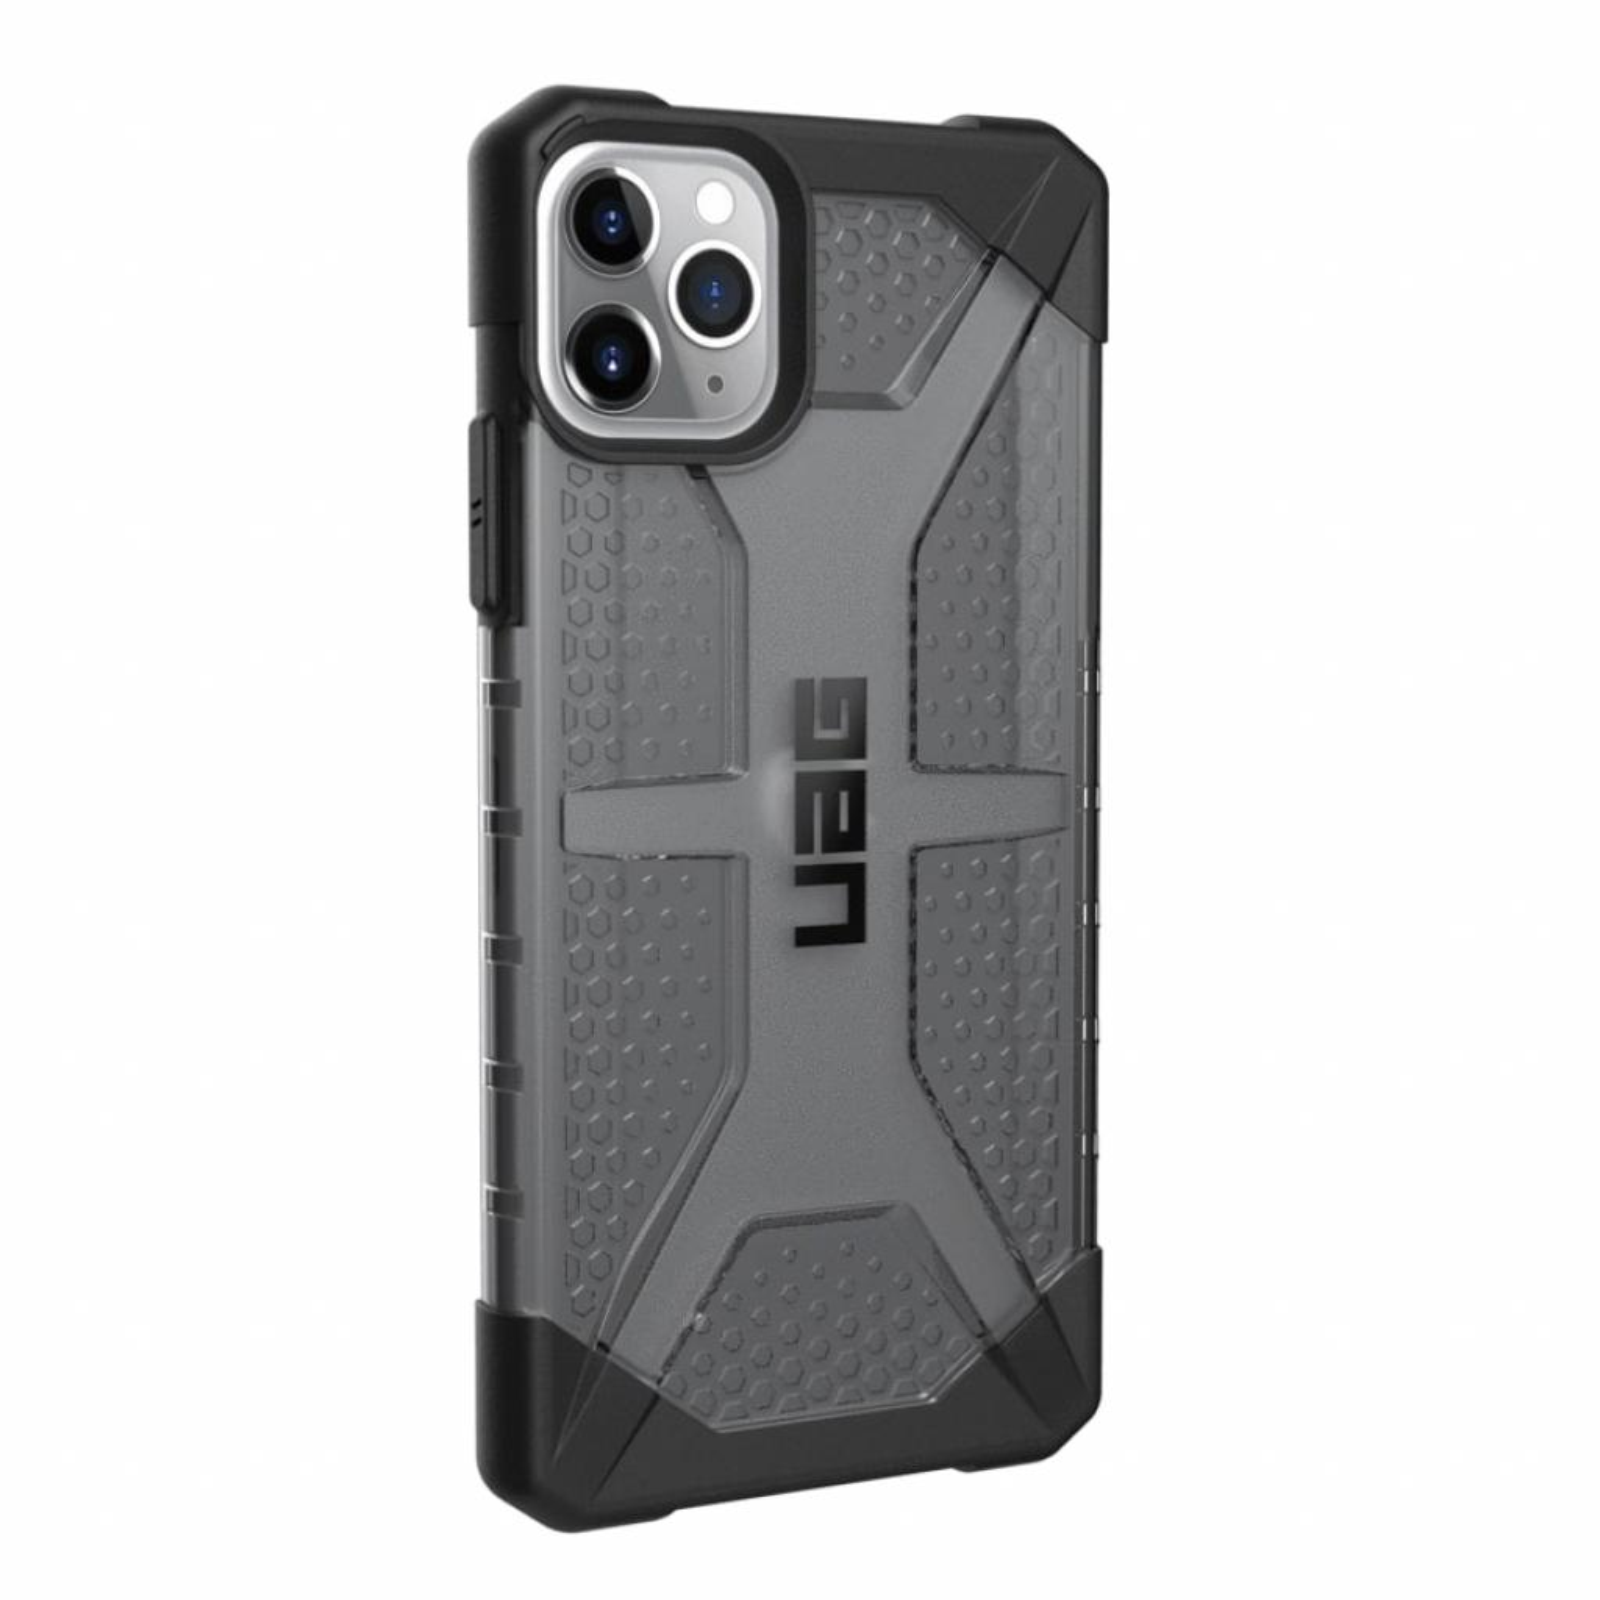 Чехол для моб. телефона Uag iPhone 11 Pro Max Plasma, Ice (111723114343) изображение 3